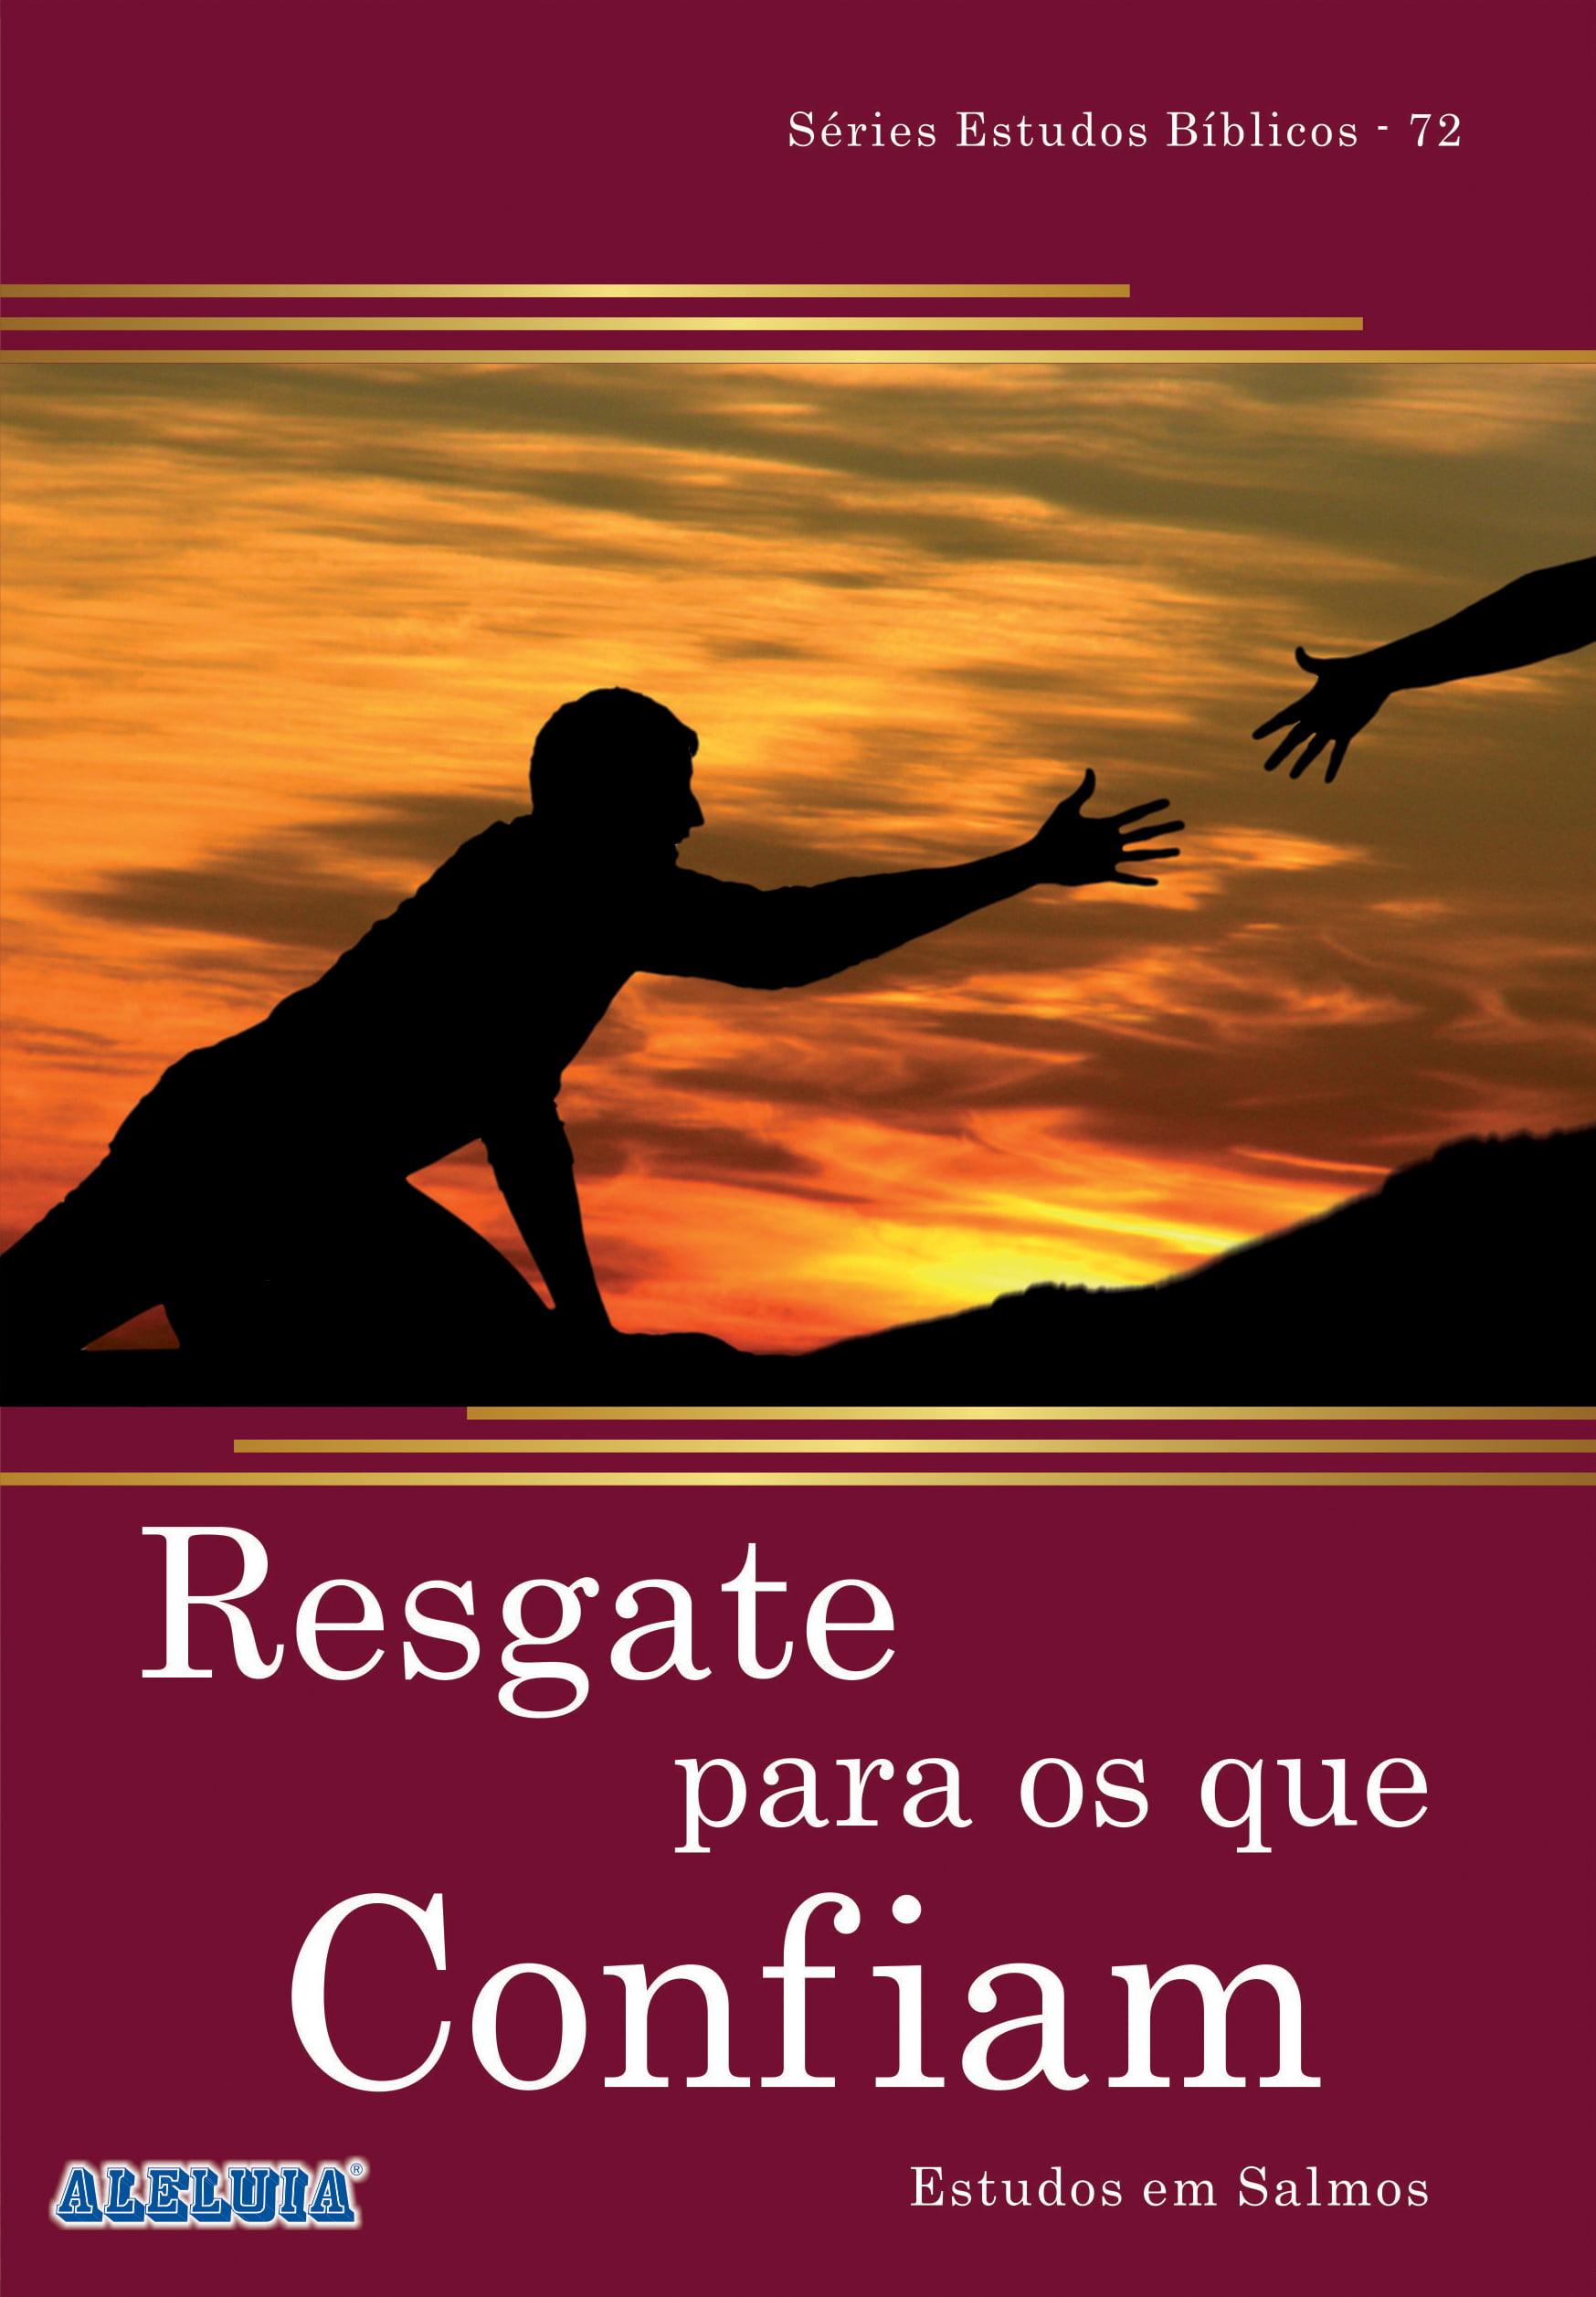 Rev. 72 - RESGATE PARA OS QUE CONFIAM